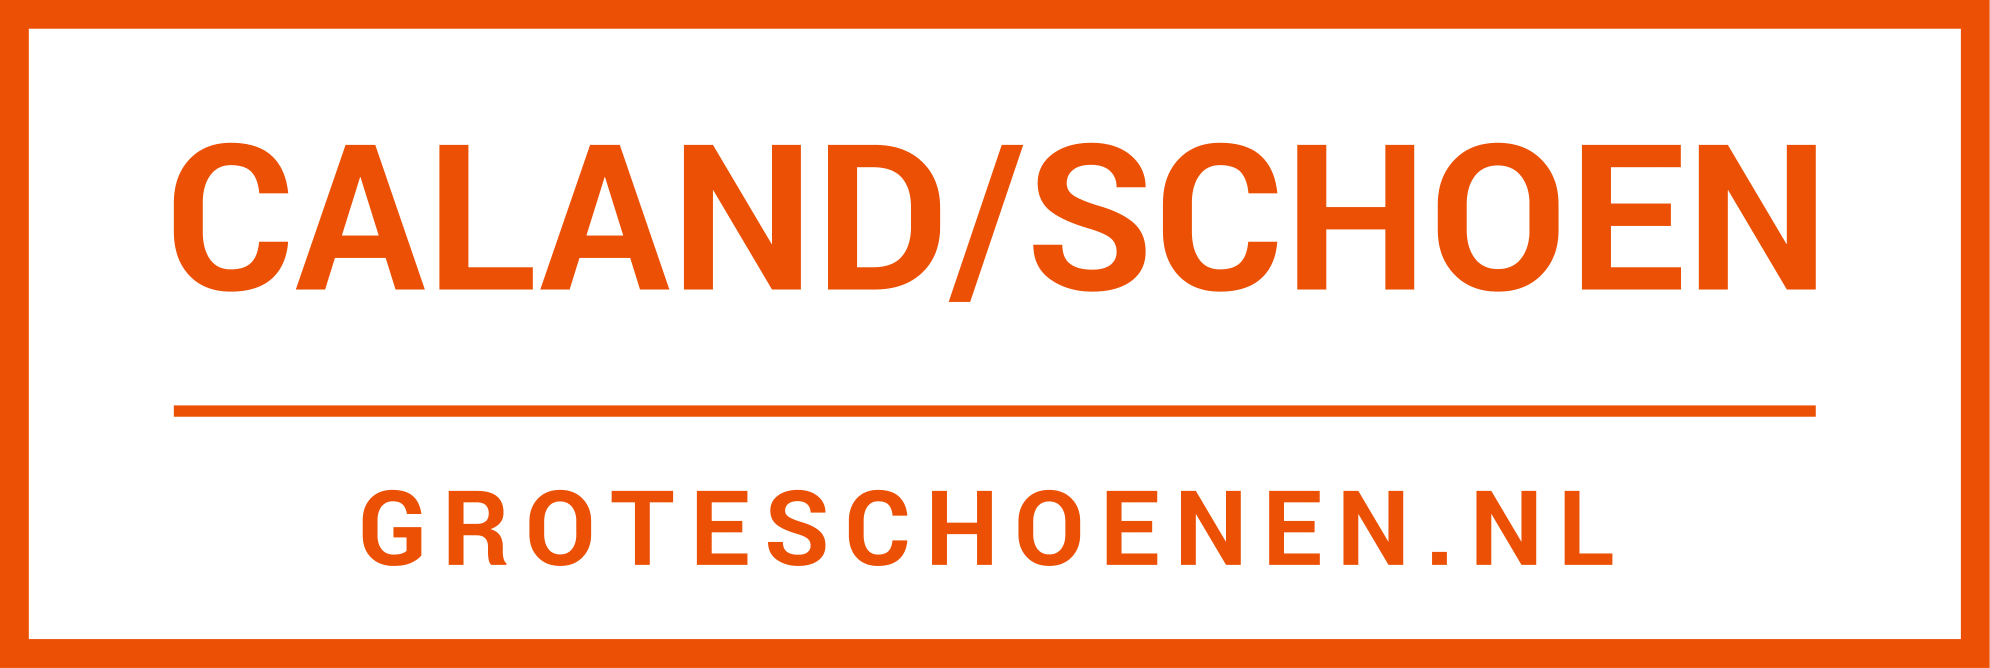 ee49acf4aeb Groteschoenen.nl | Caland/Schoen, ervaringen en bedrijfsinformatie